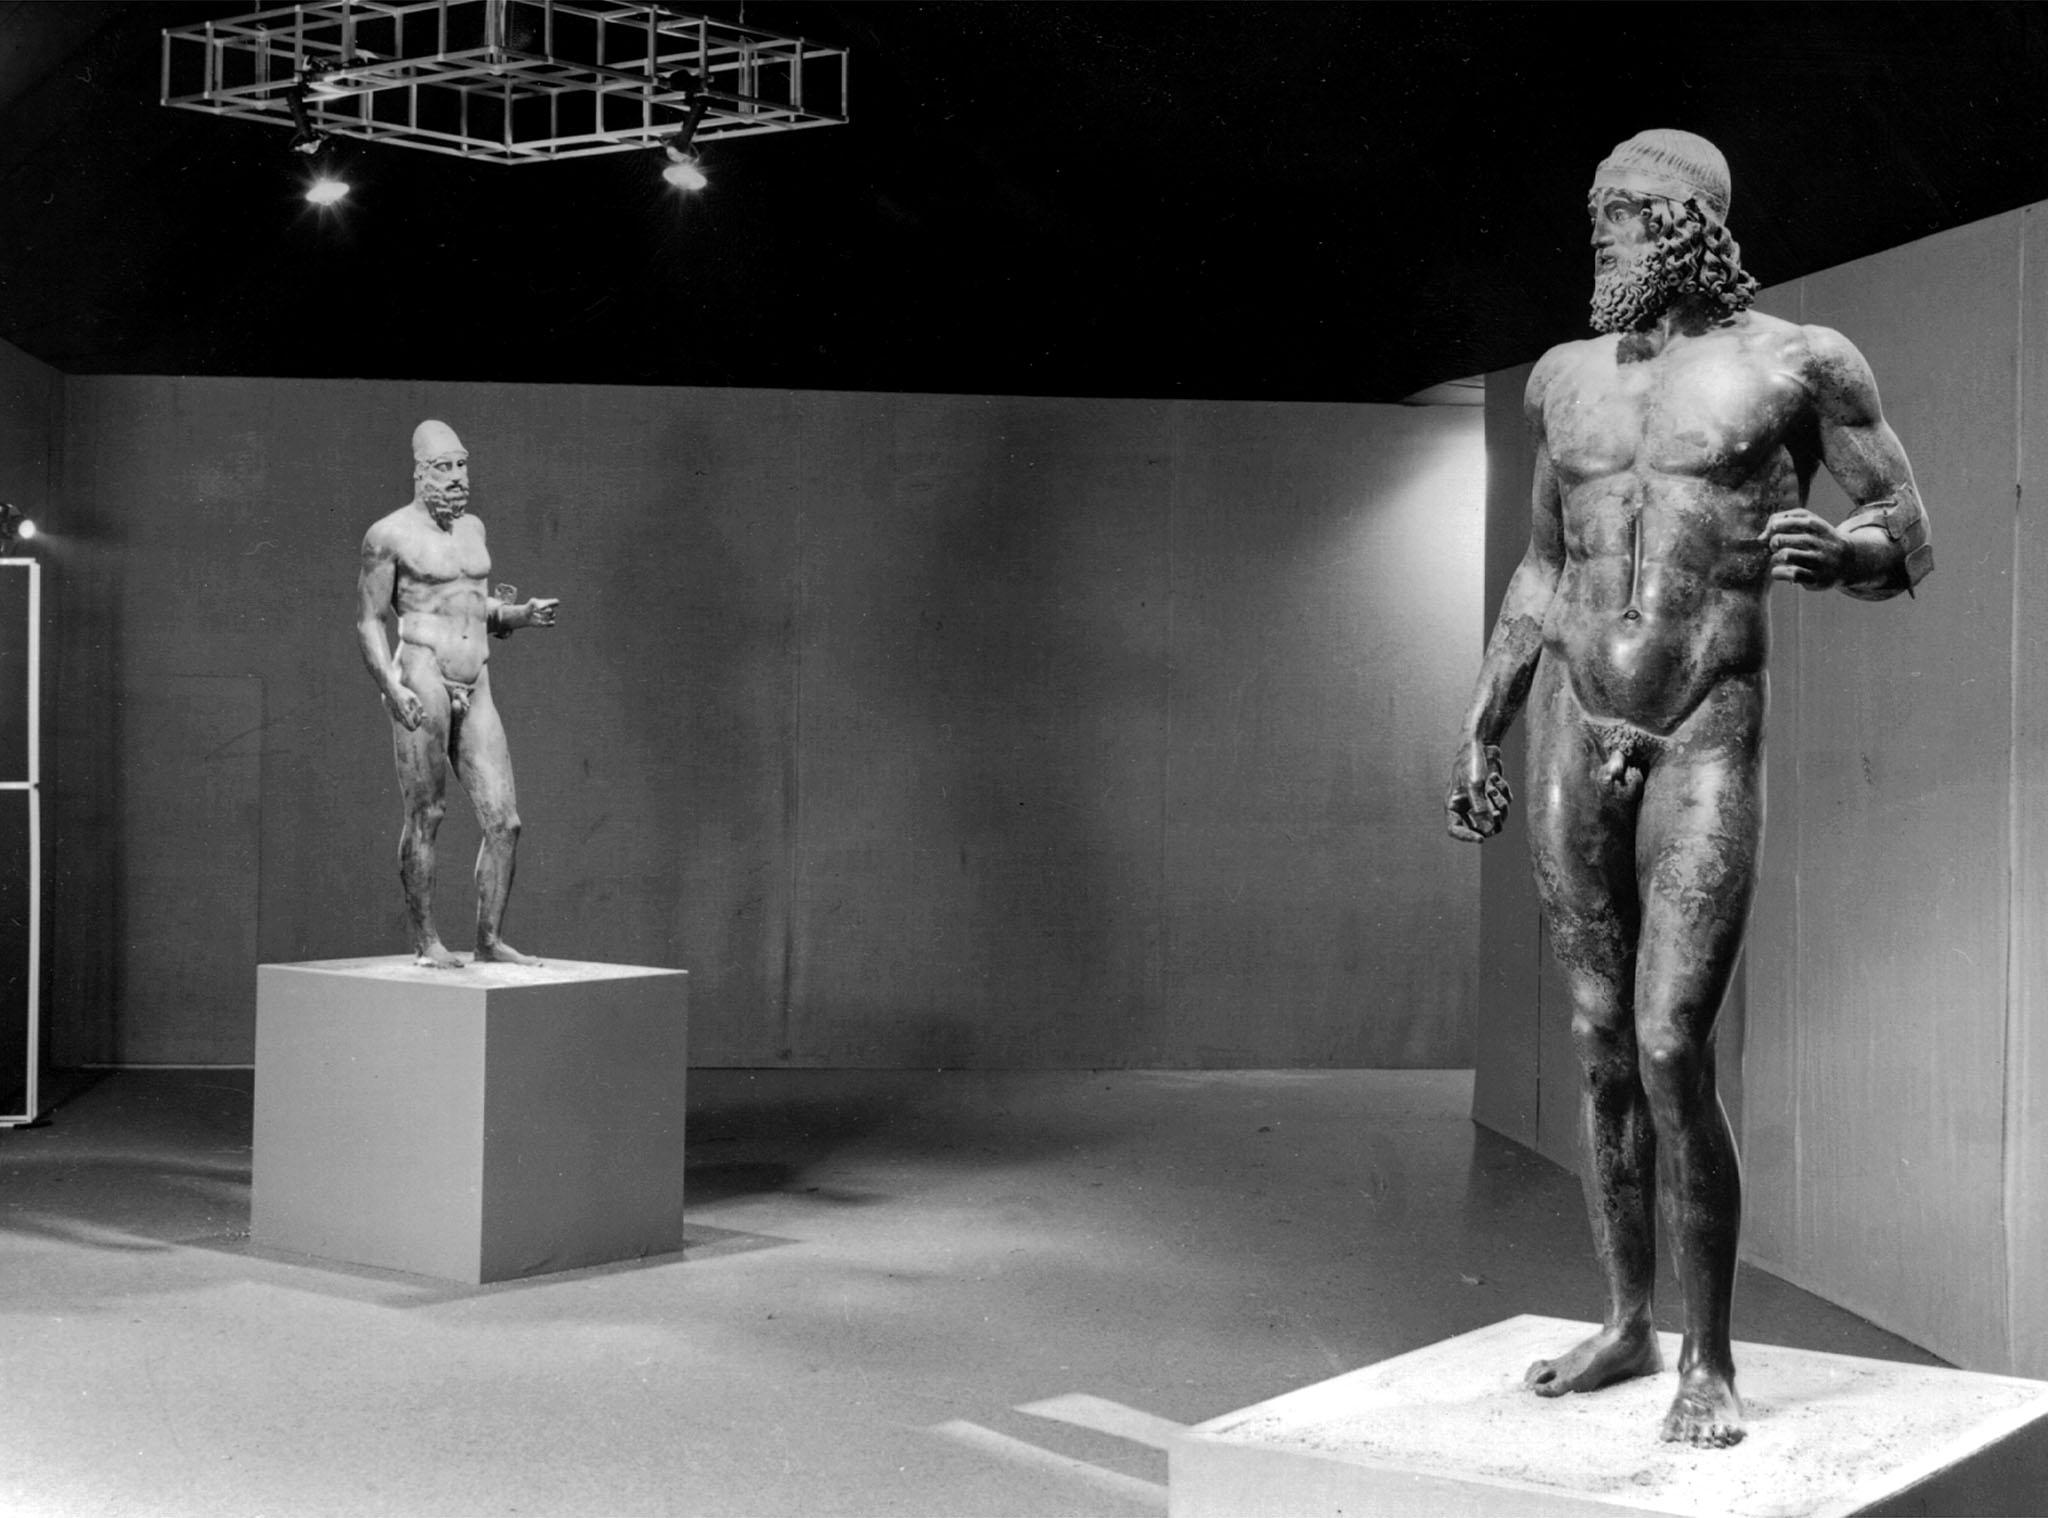 Perché le statue greche hanno i genitali piccoli?